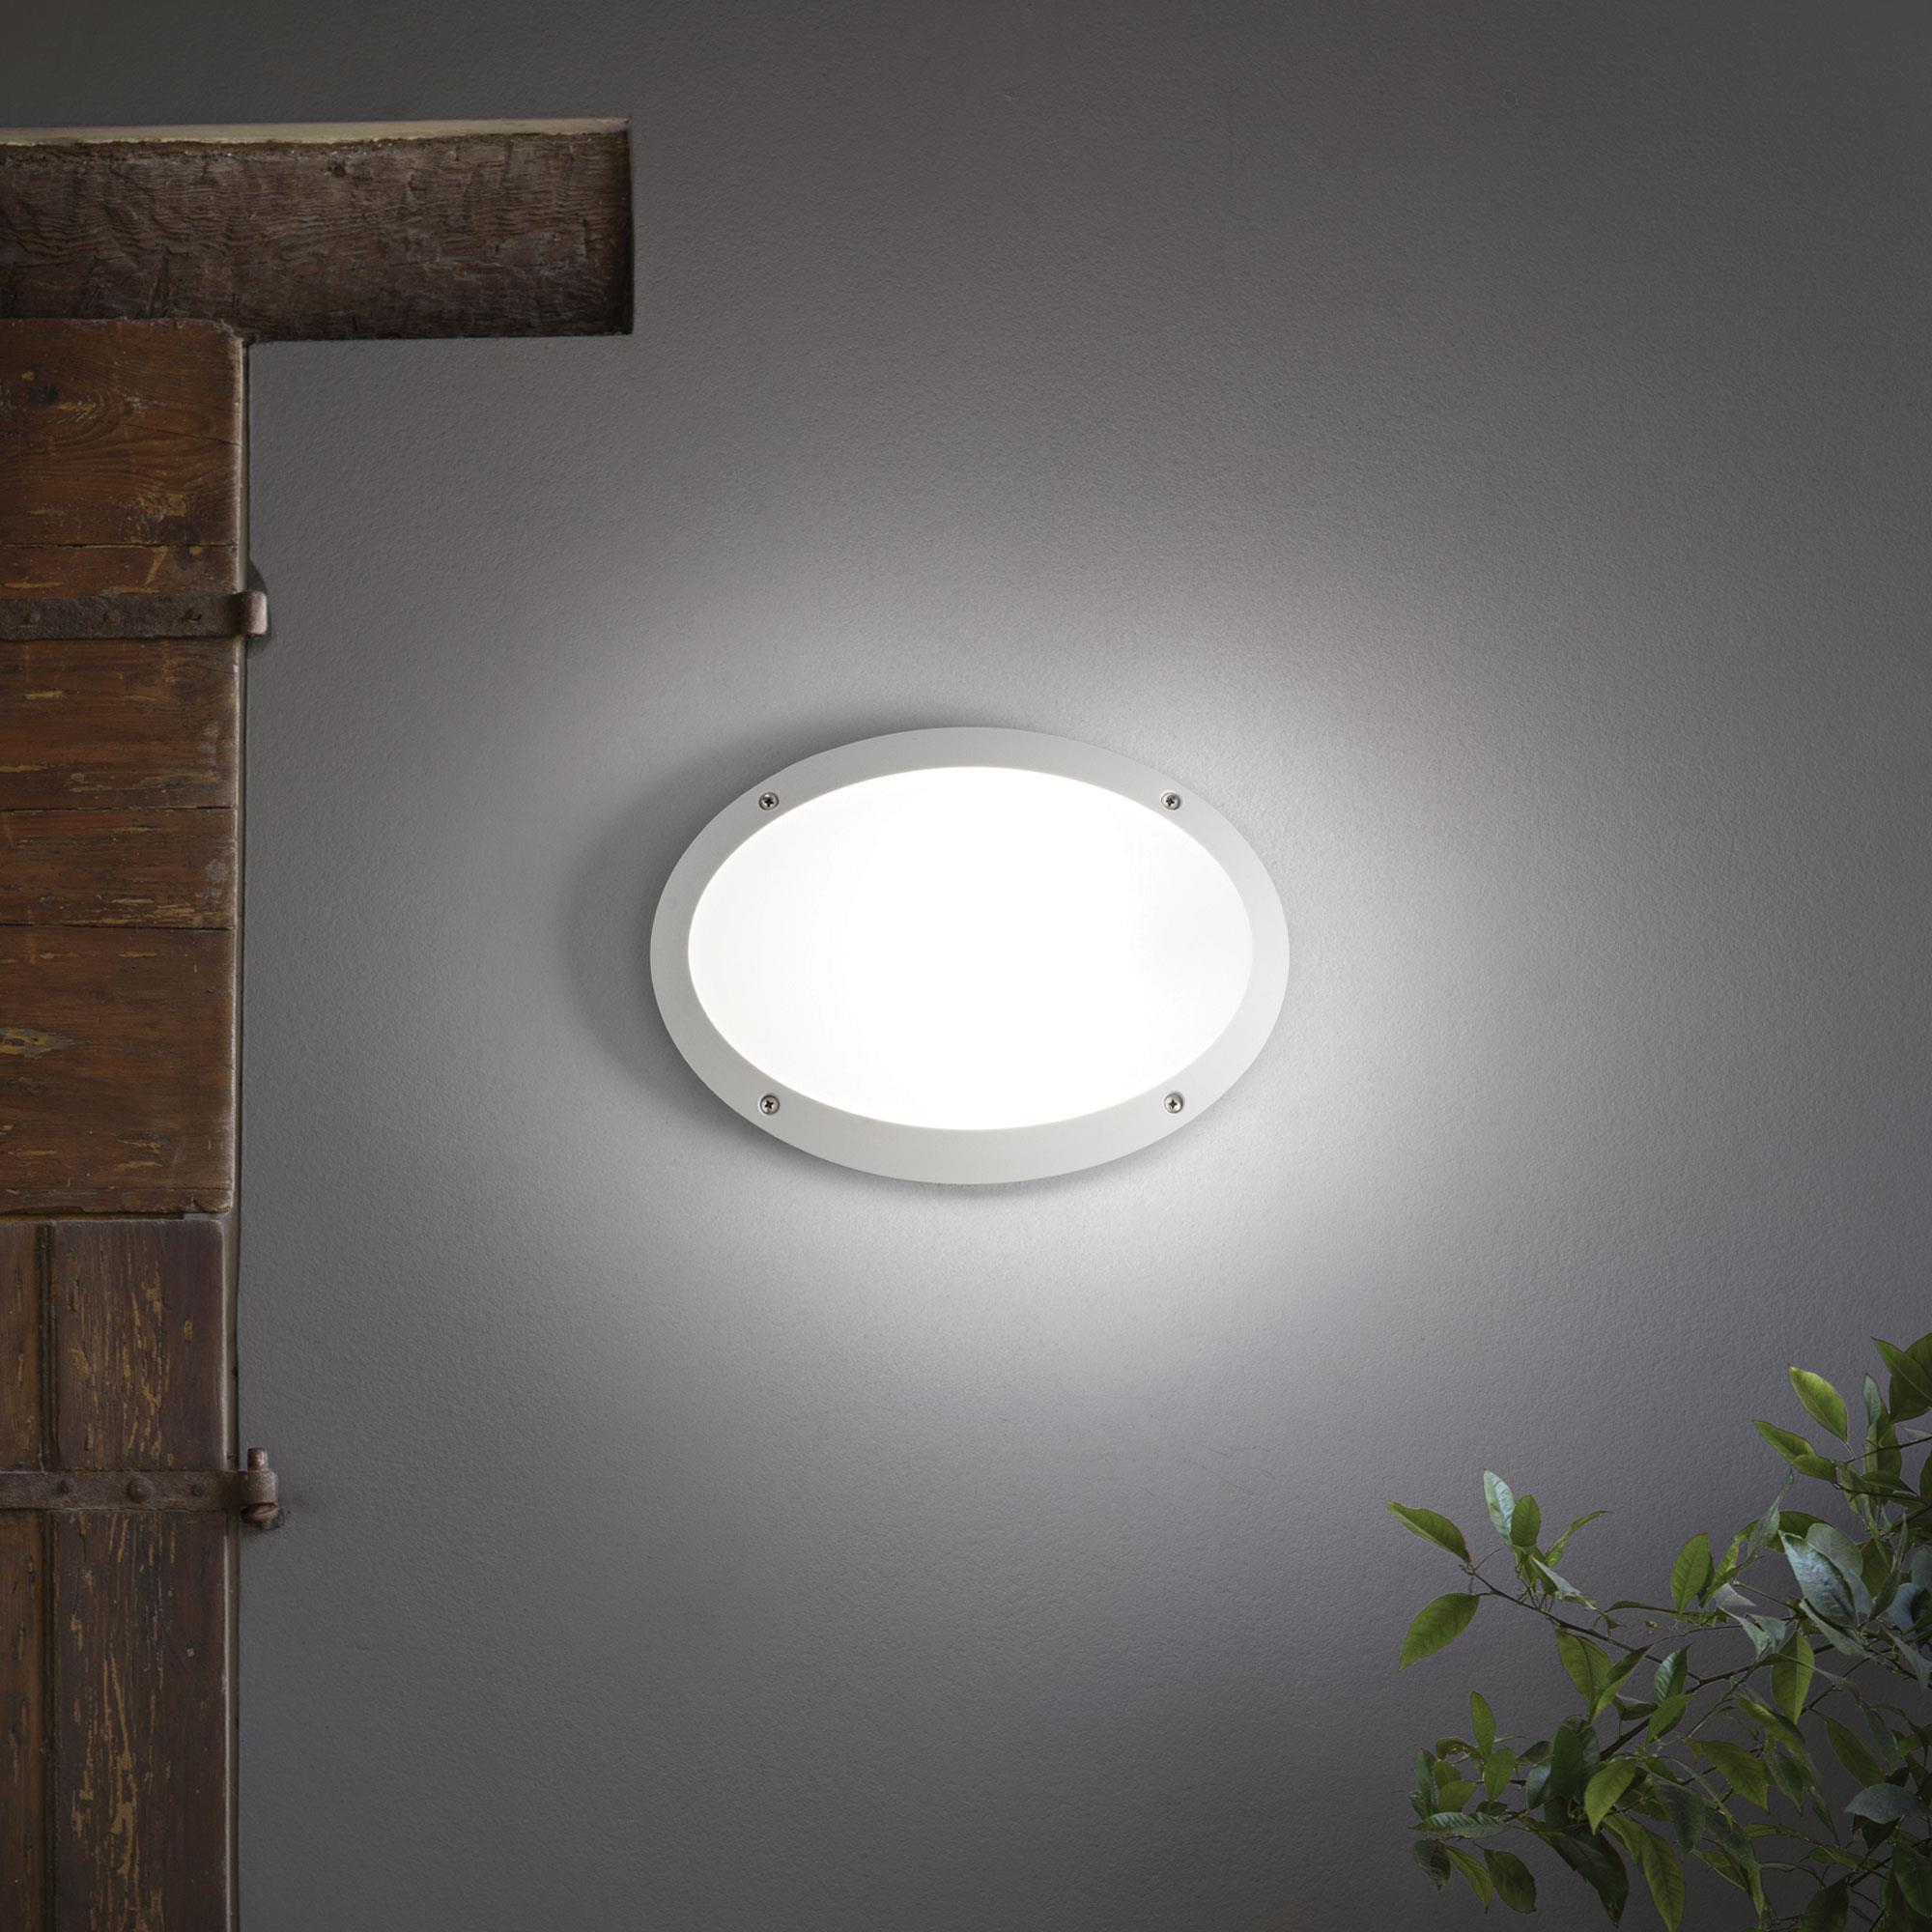 Ideal Lux 096711 Maddi-1 AP1 Bianco kültéri falilámpa